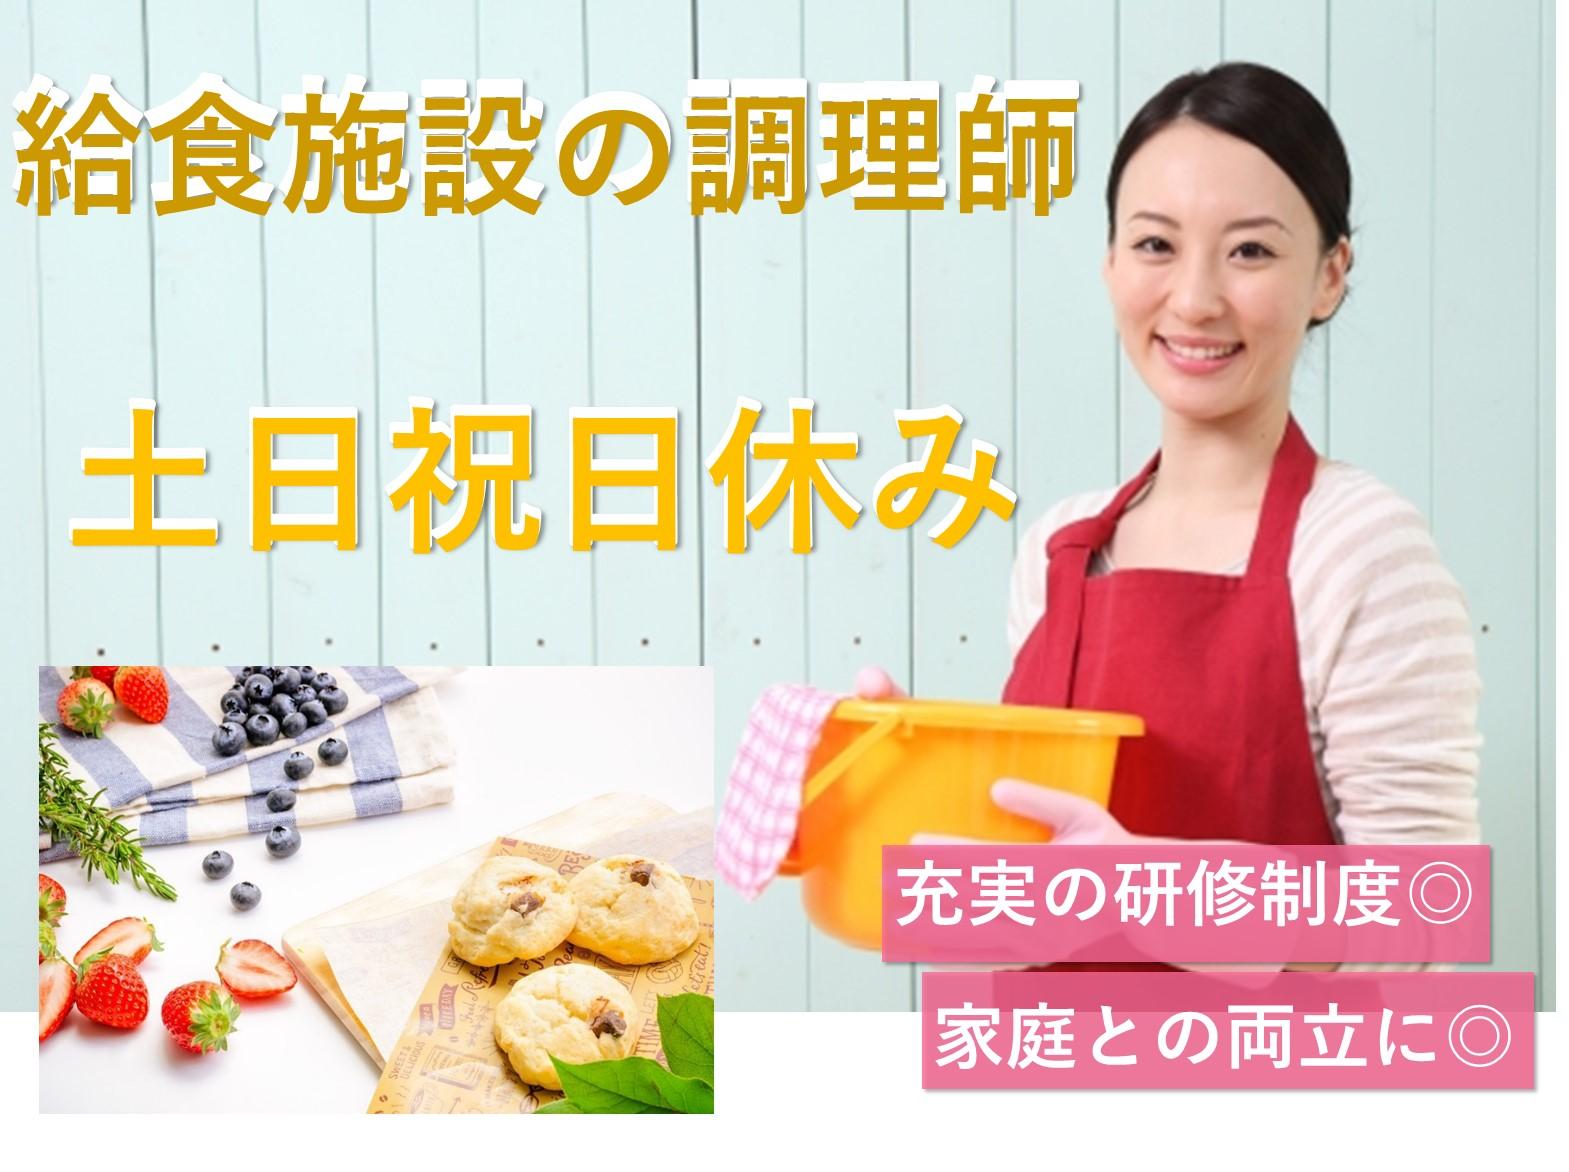 【パート】2020年3月オープン◎土日祝日お休み★給食施設の調理師 イメージ